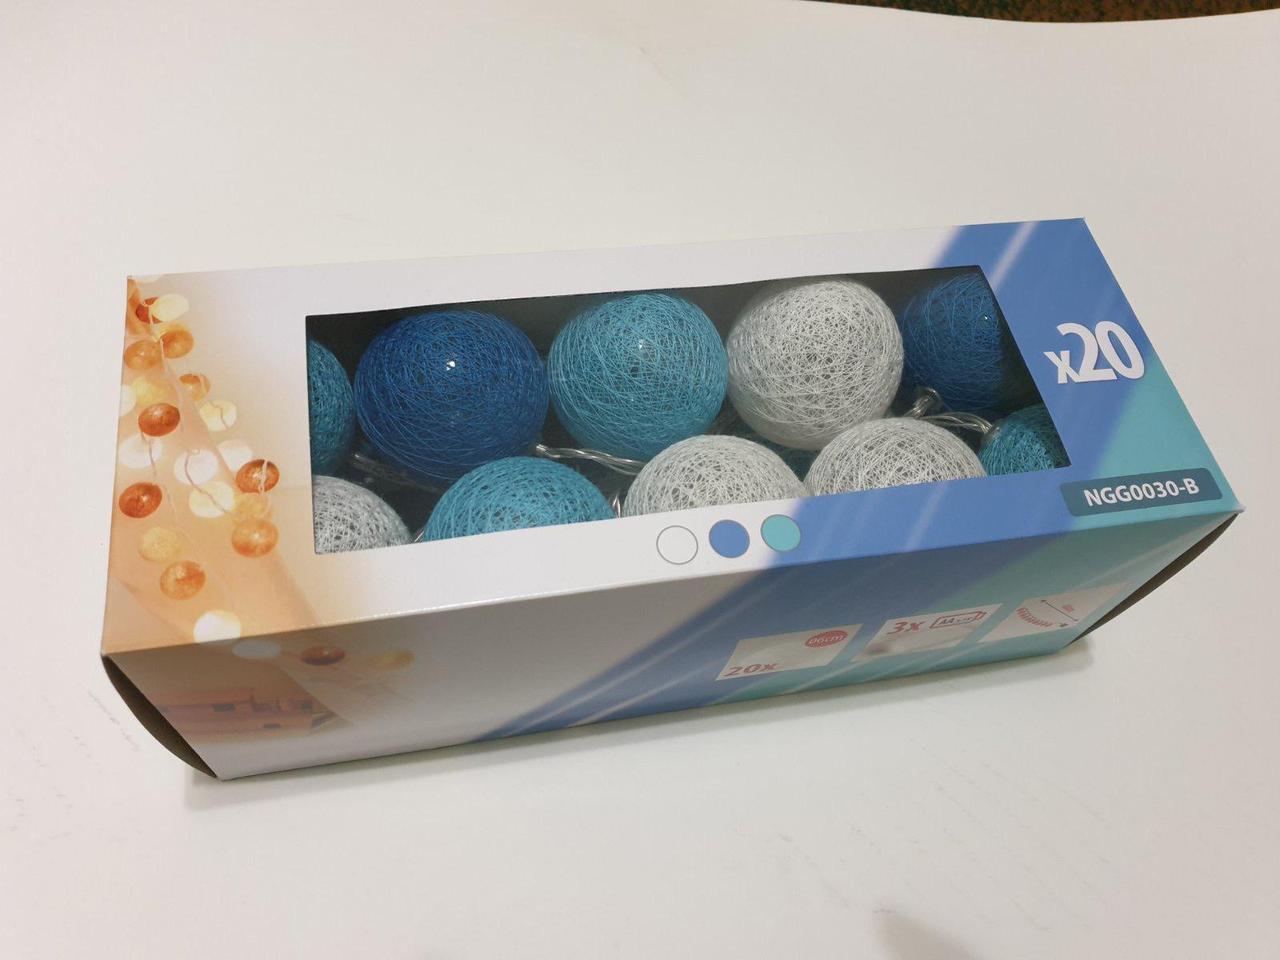 Гирлянда 20шар Cotton Bals декоративные хлопковые шарики